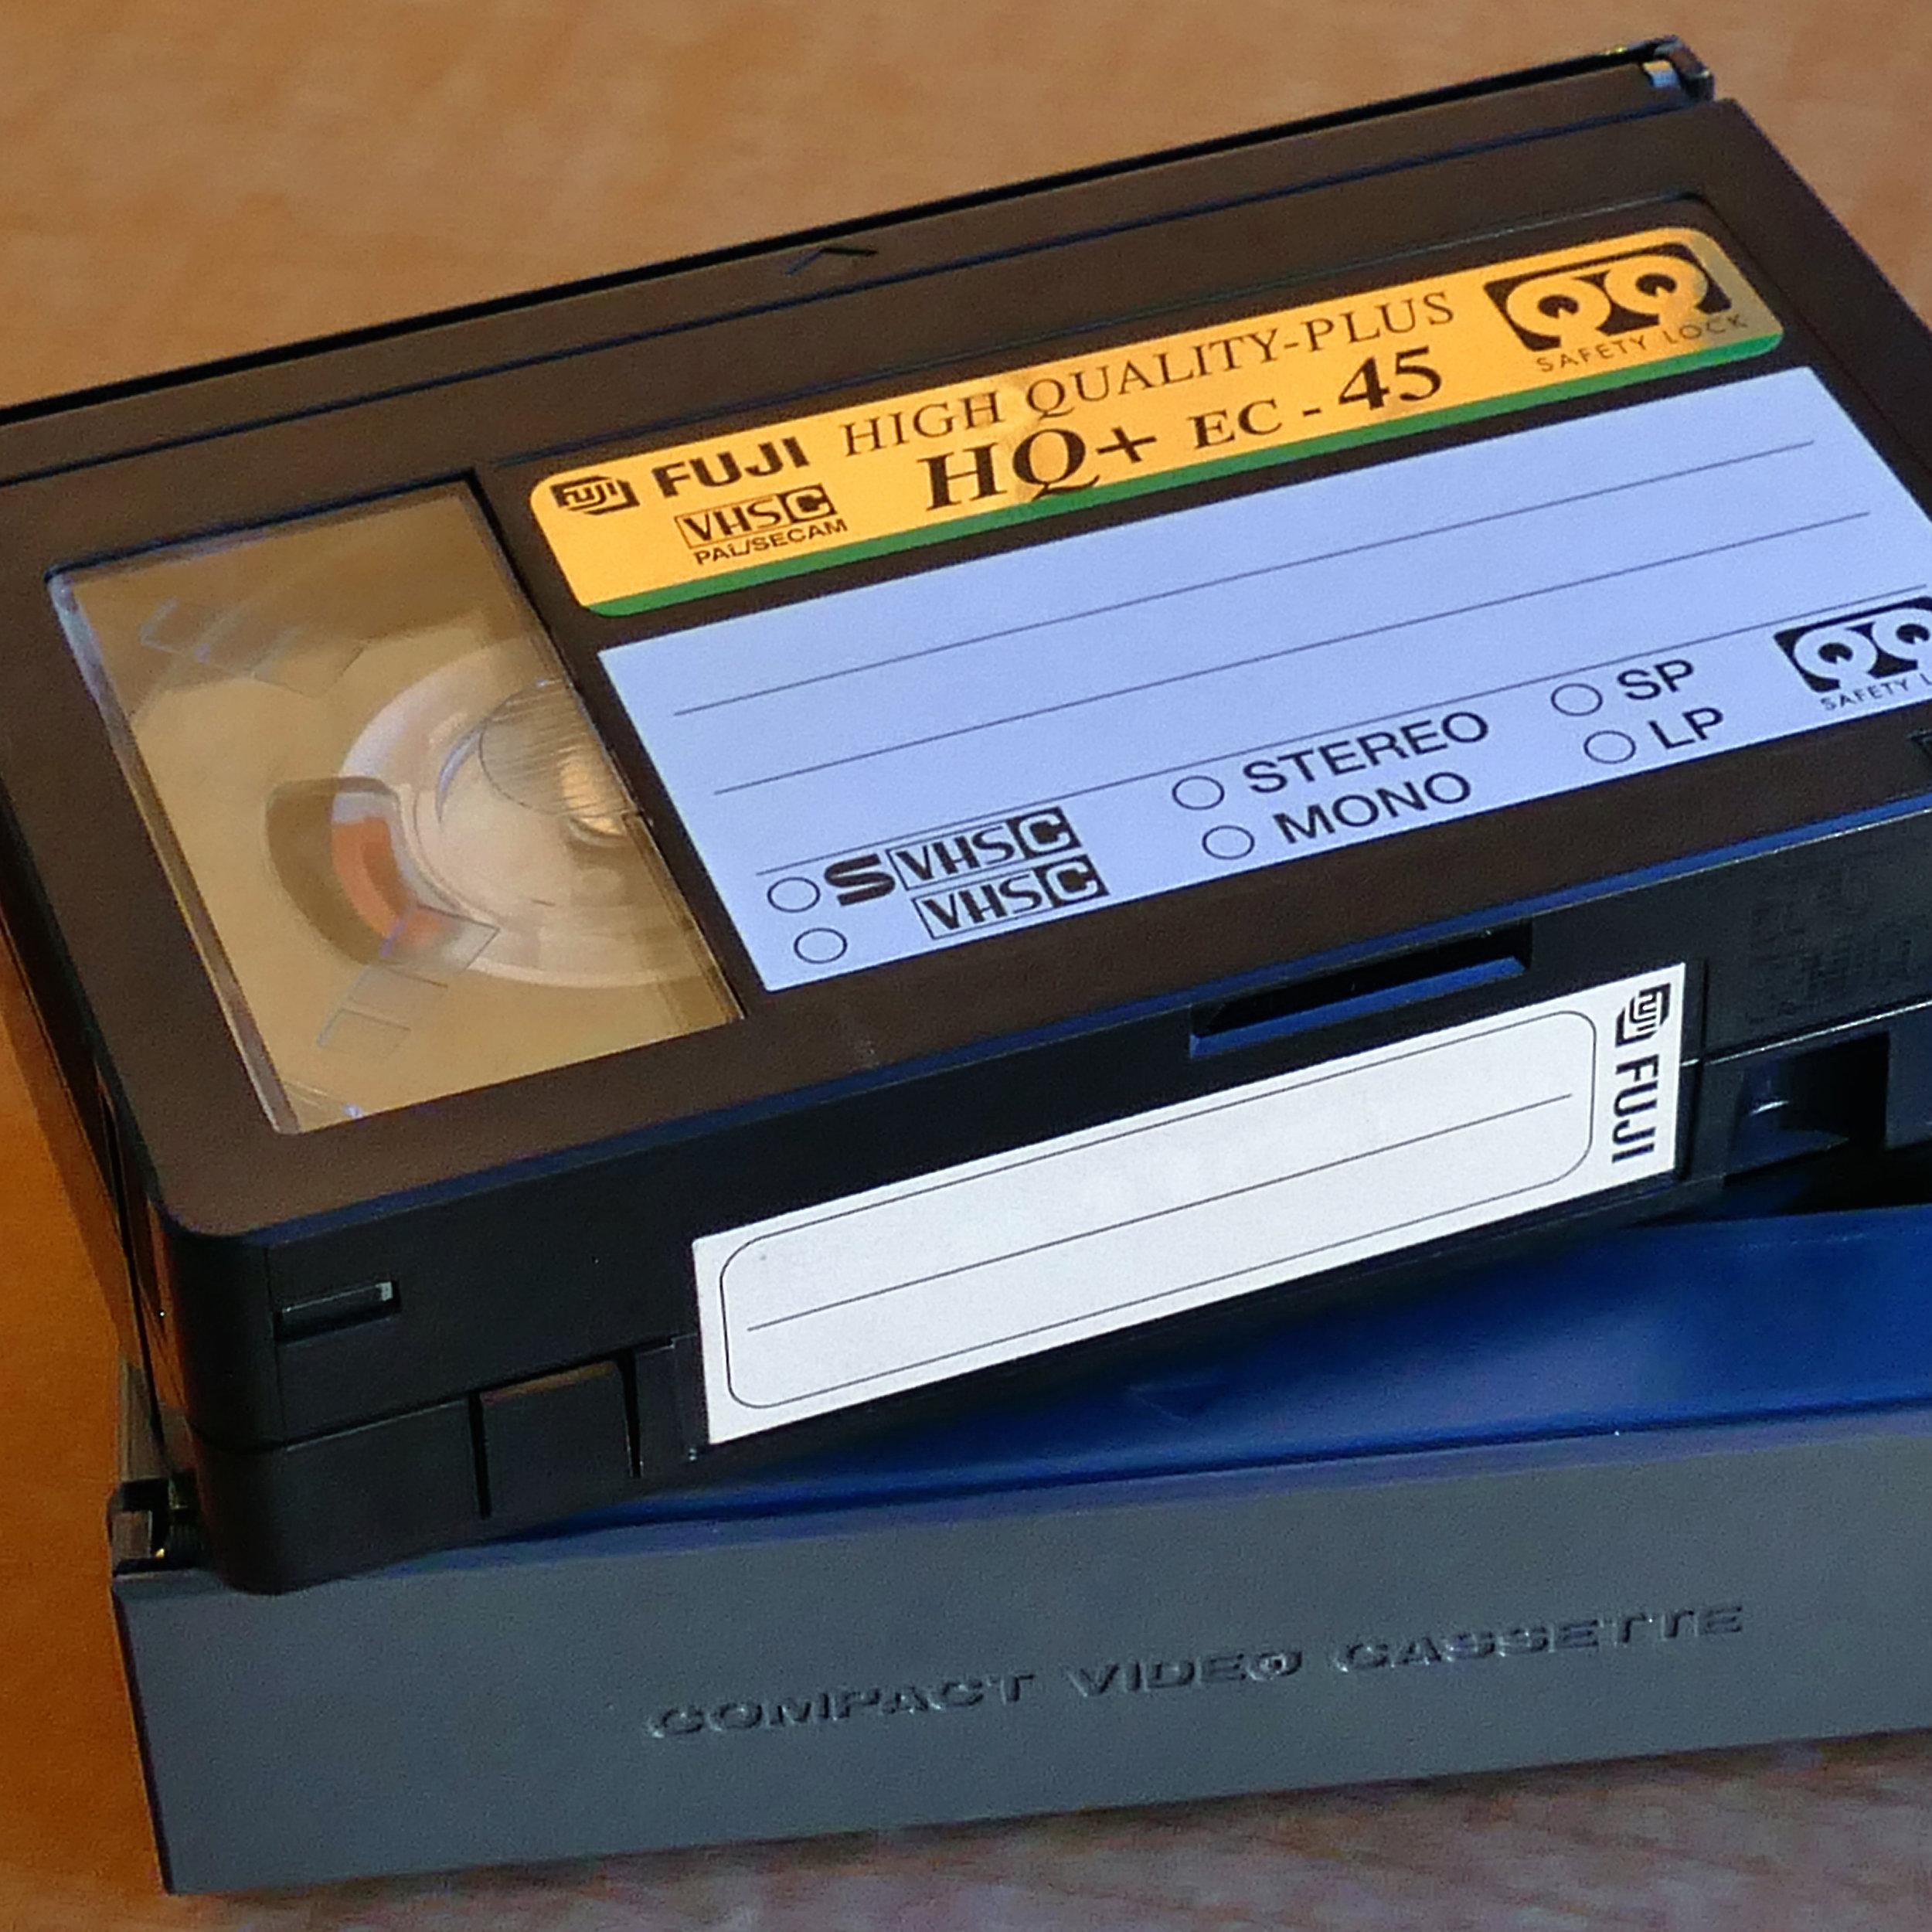 oddbox media transfer vhs_600.jpg